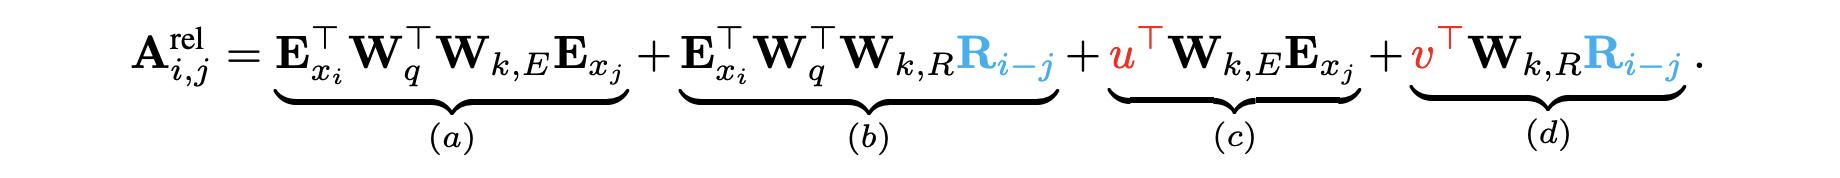 Transformer-XL的attention计算公式分解